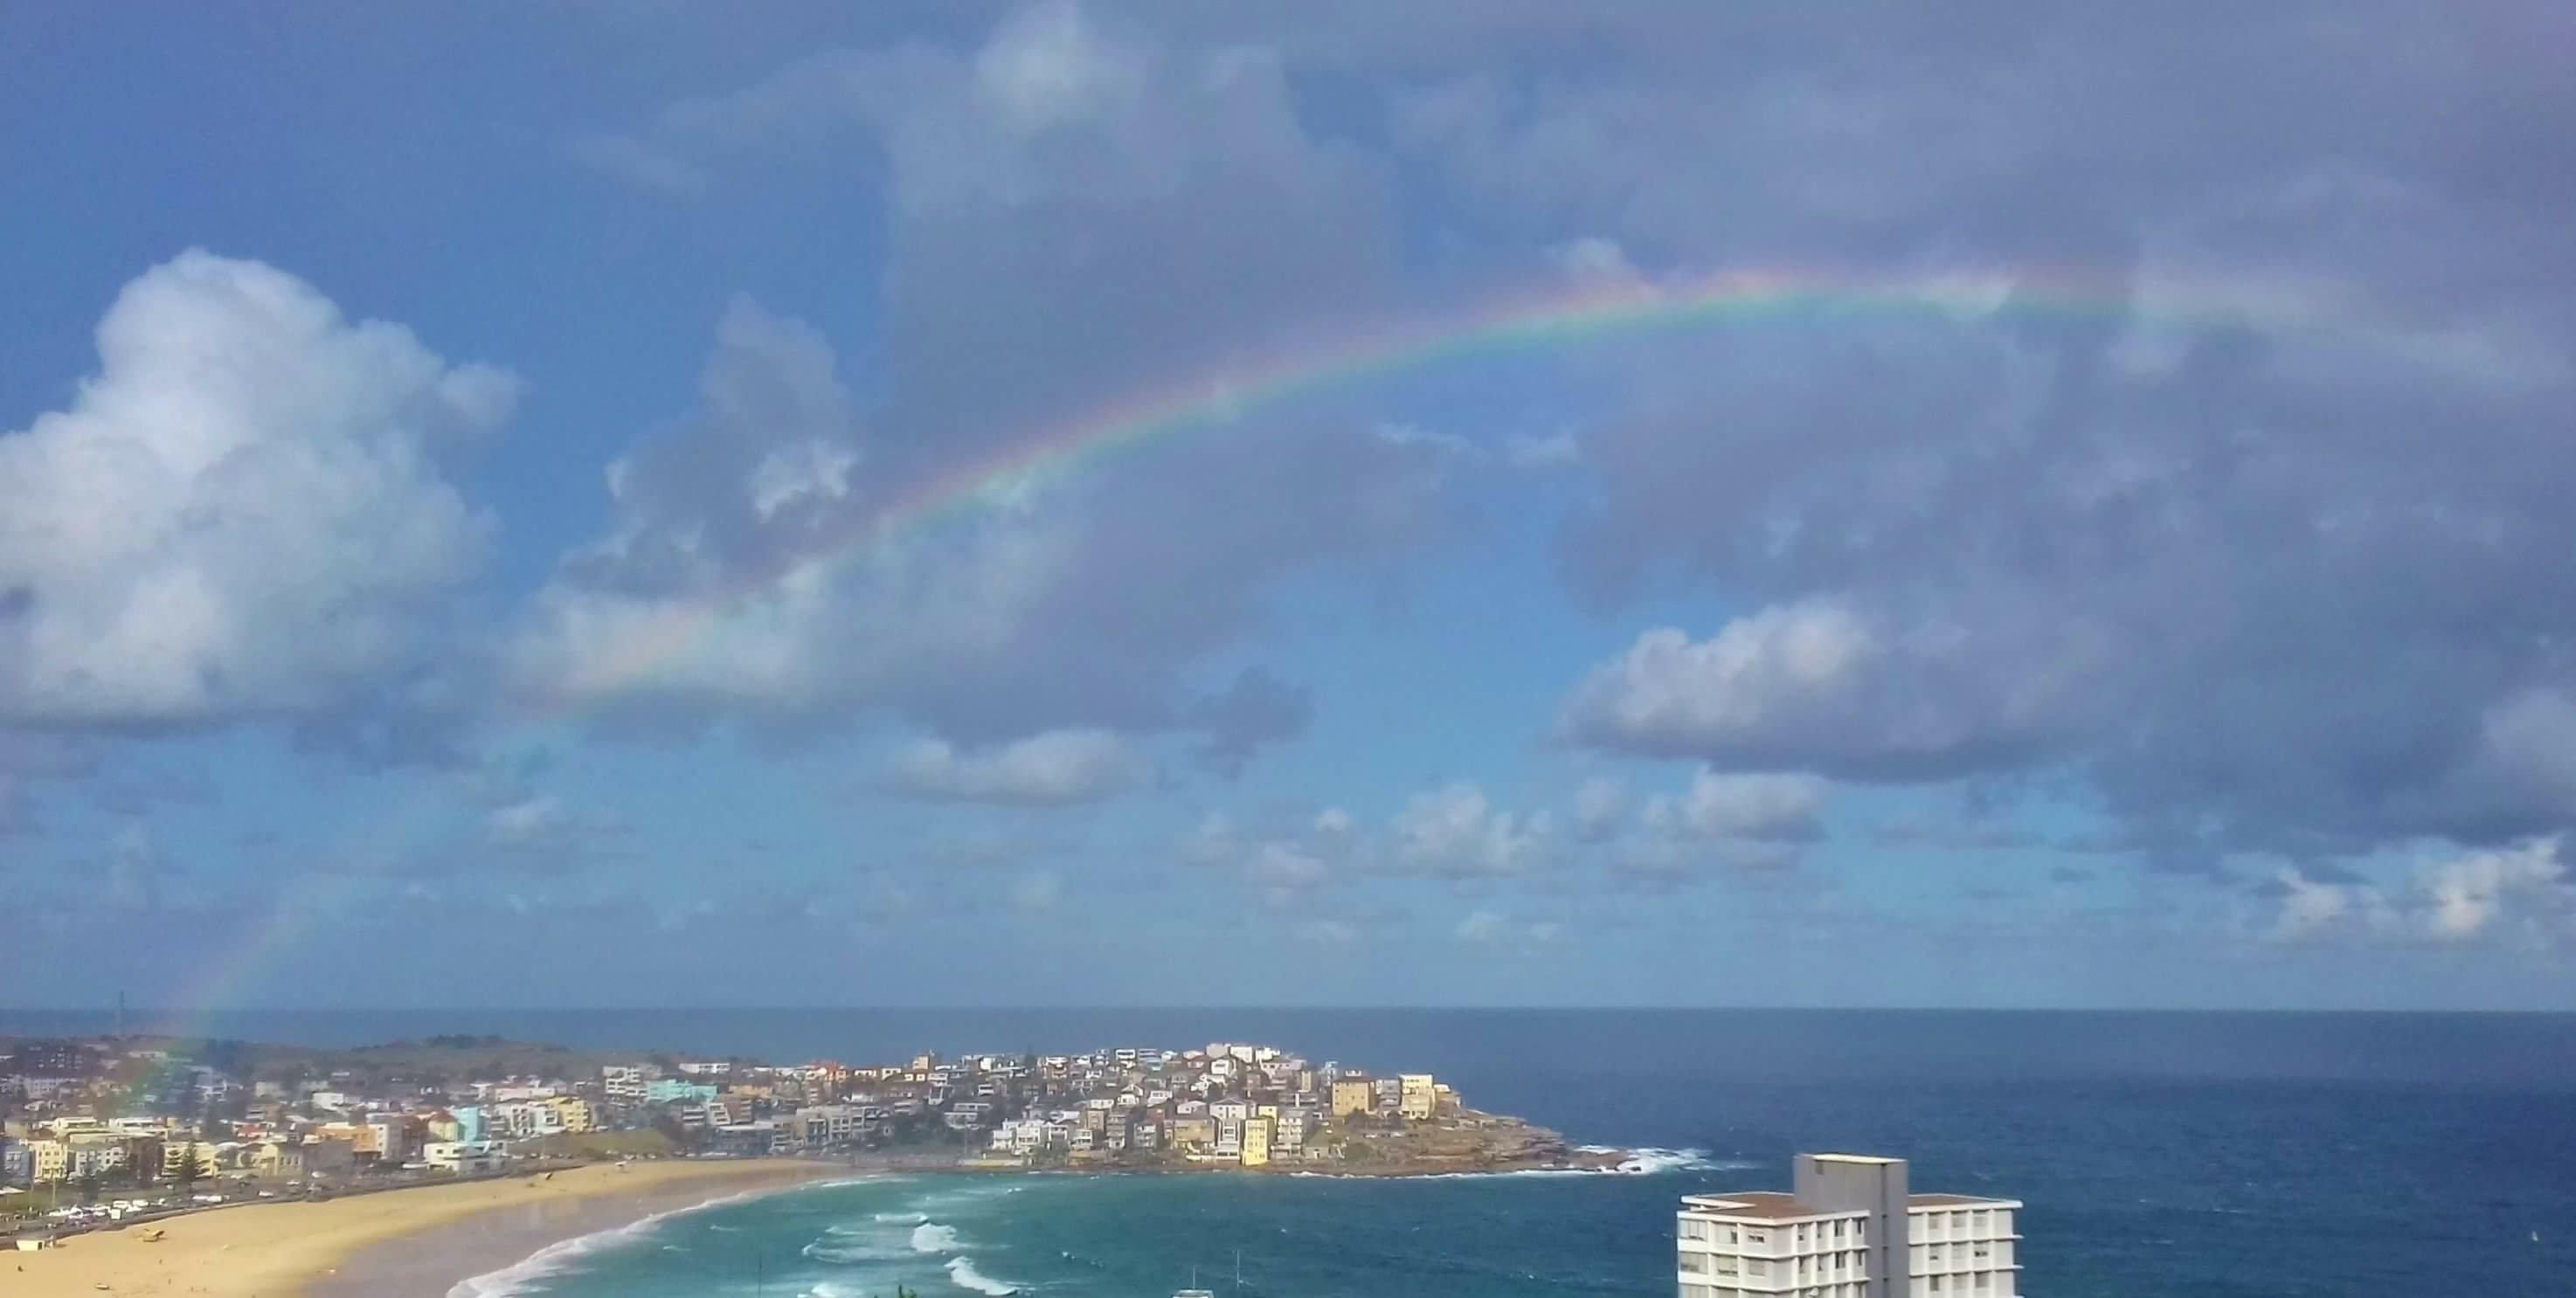 Der Schatz des Regenbogens. Gedanken zu unserer Welt der Wunder